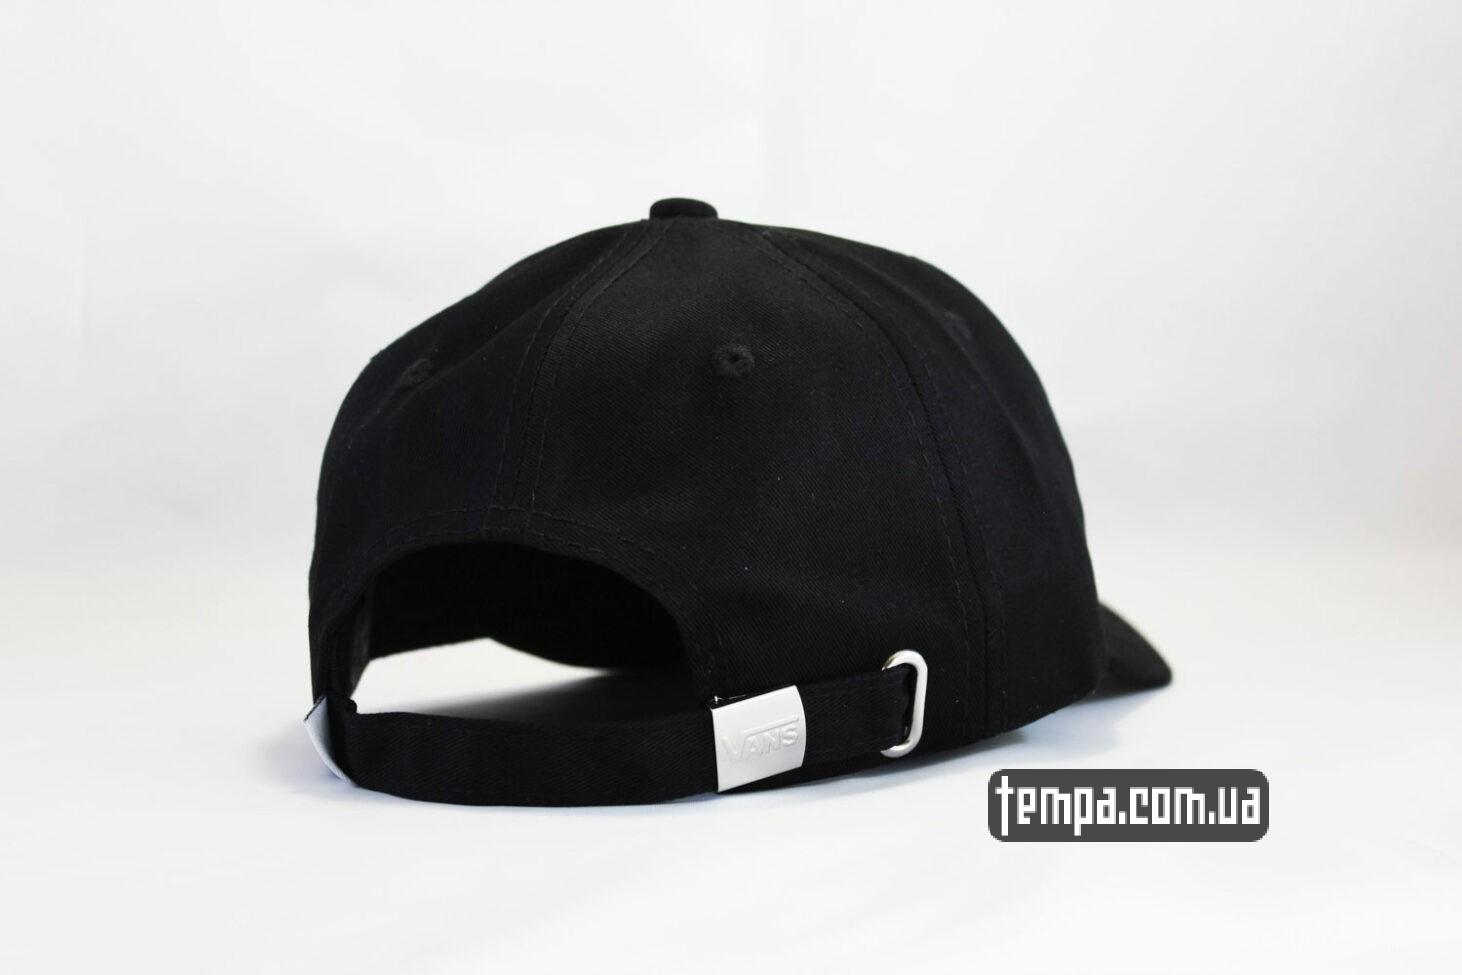 классическая бейсболка кепка vans black classic бейсболка венс